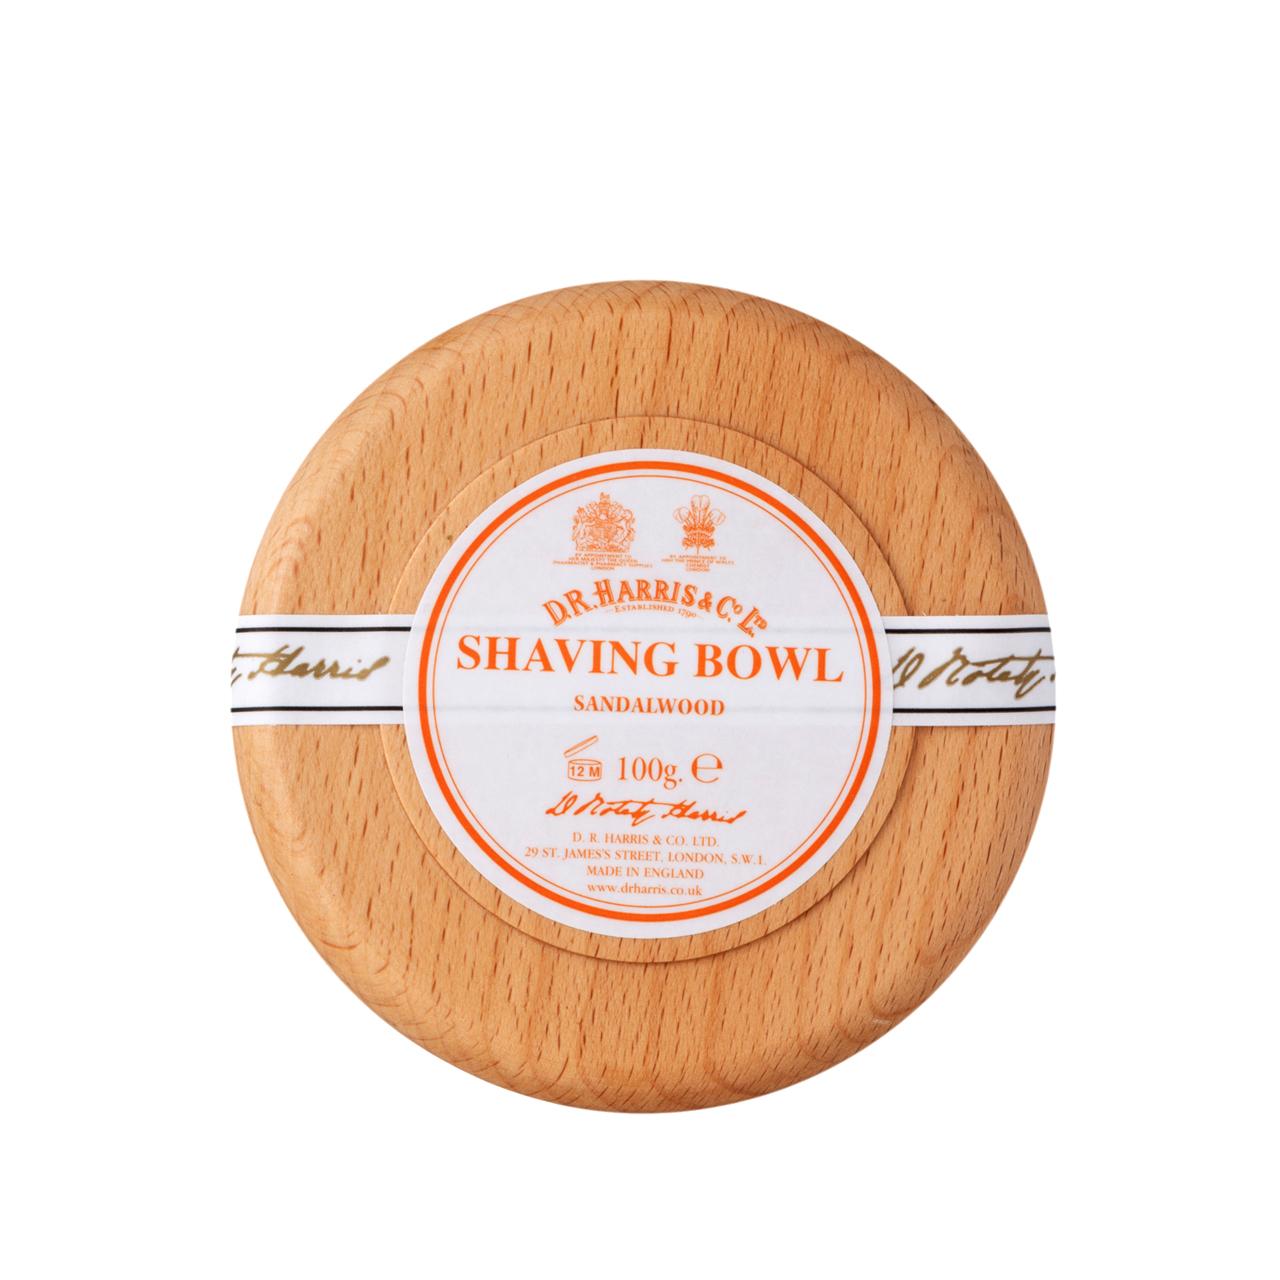 Sandalwood - Shaving Soap Bowl